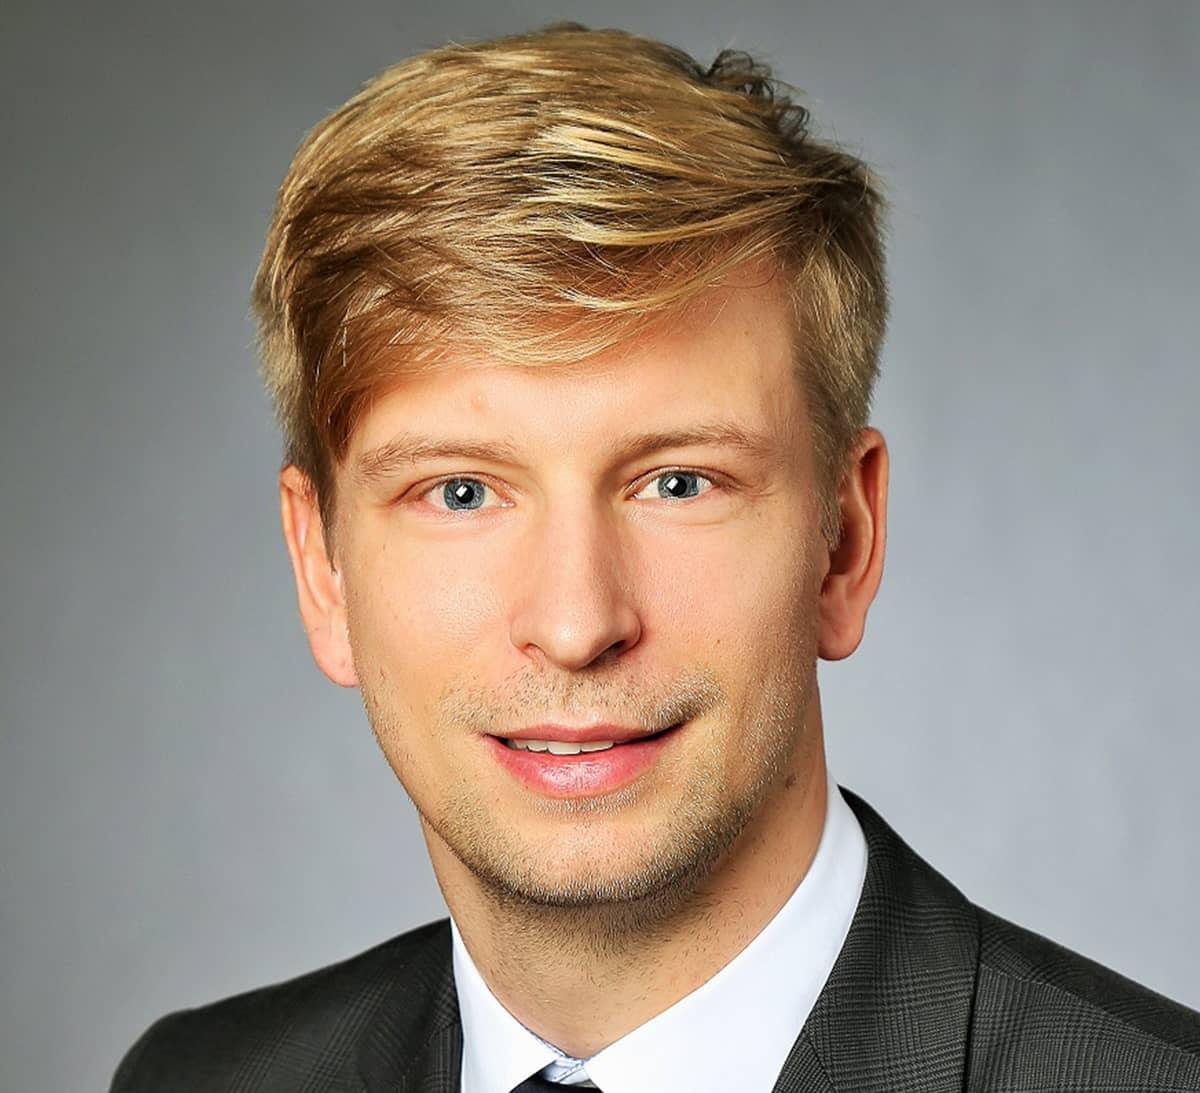 Martin Winkelmann